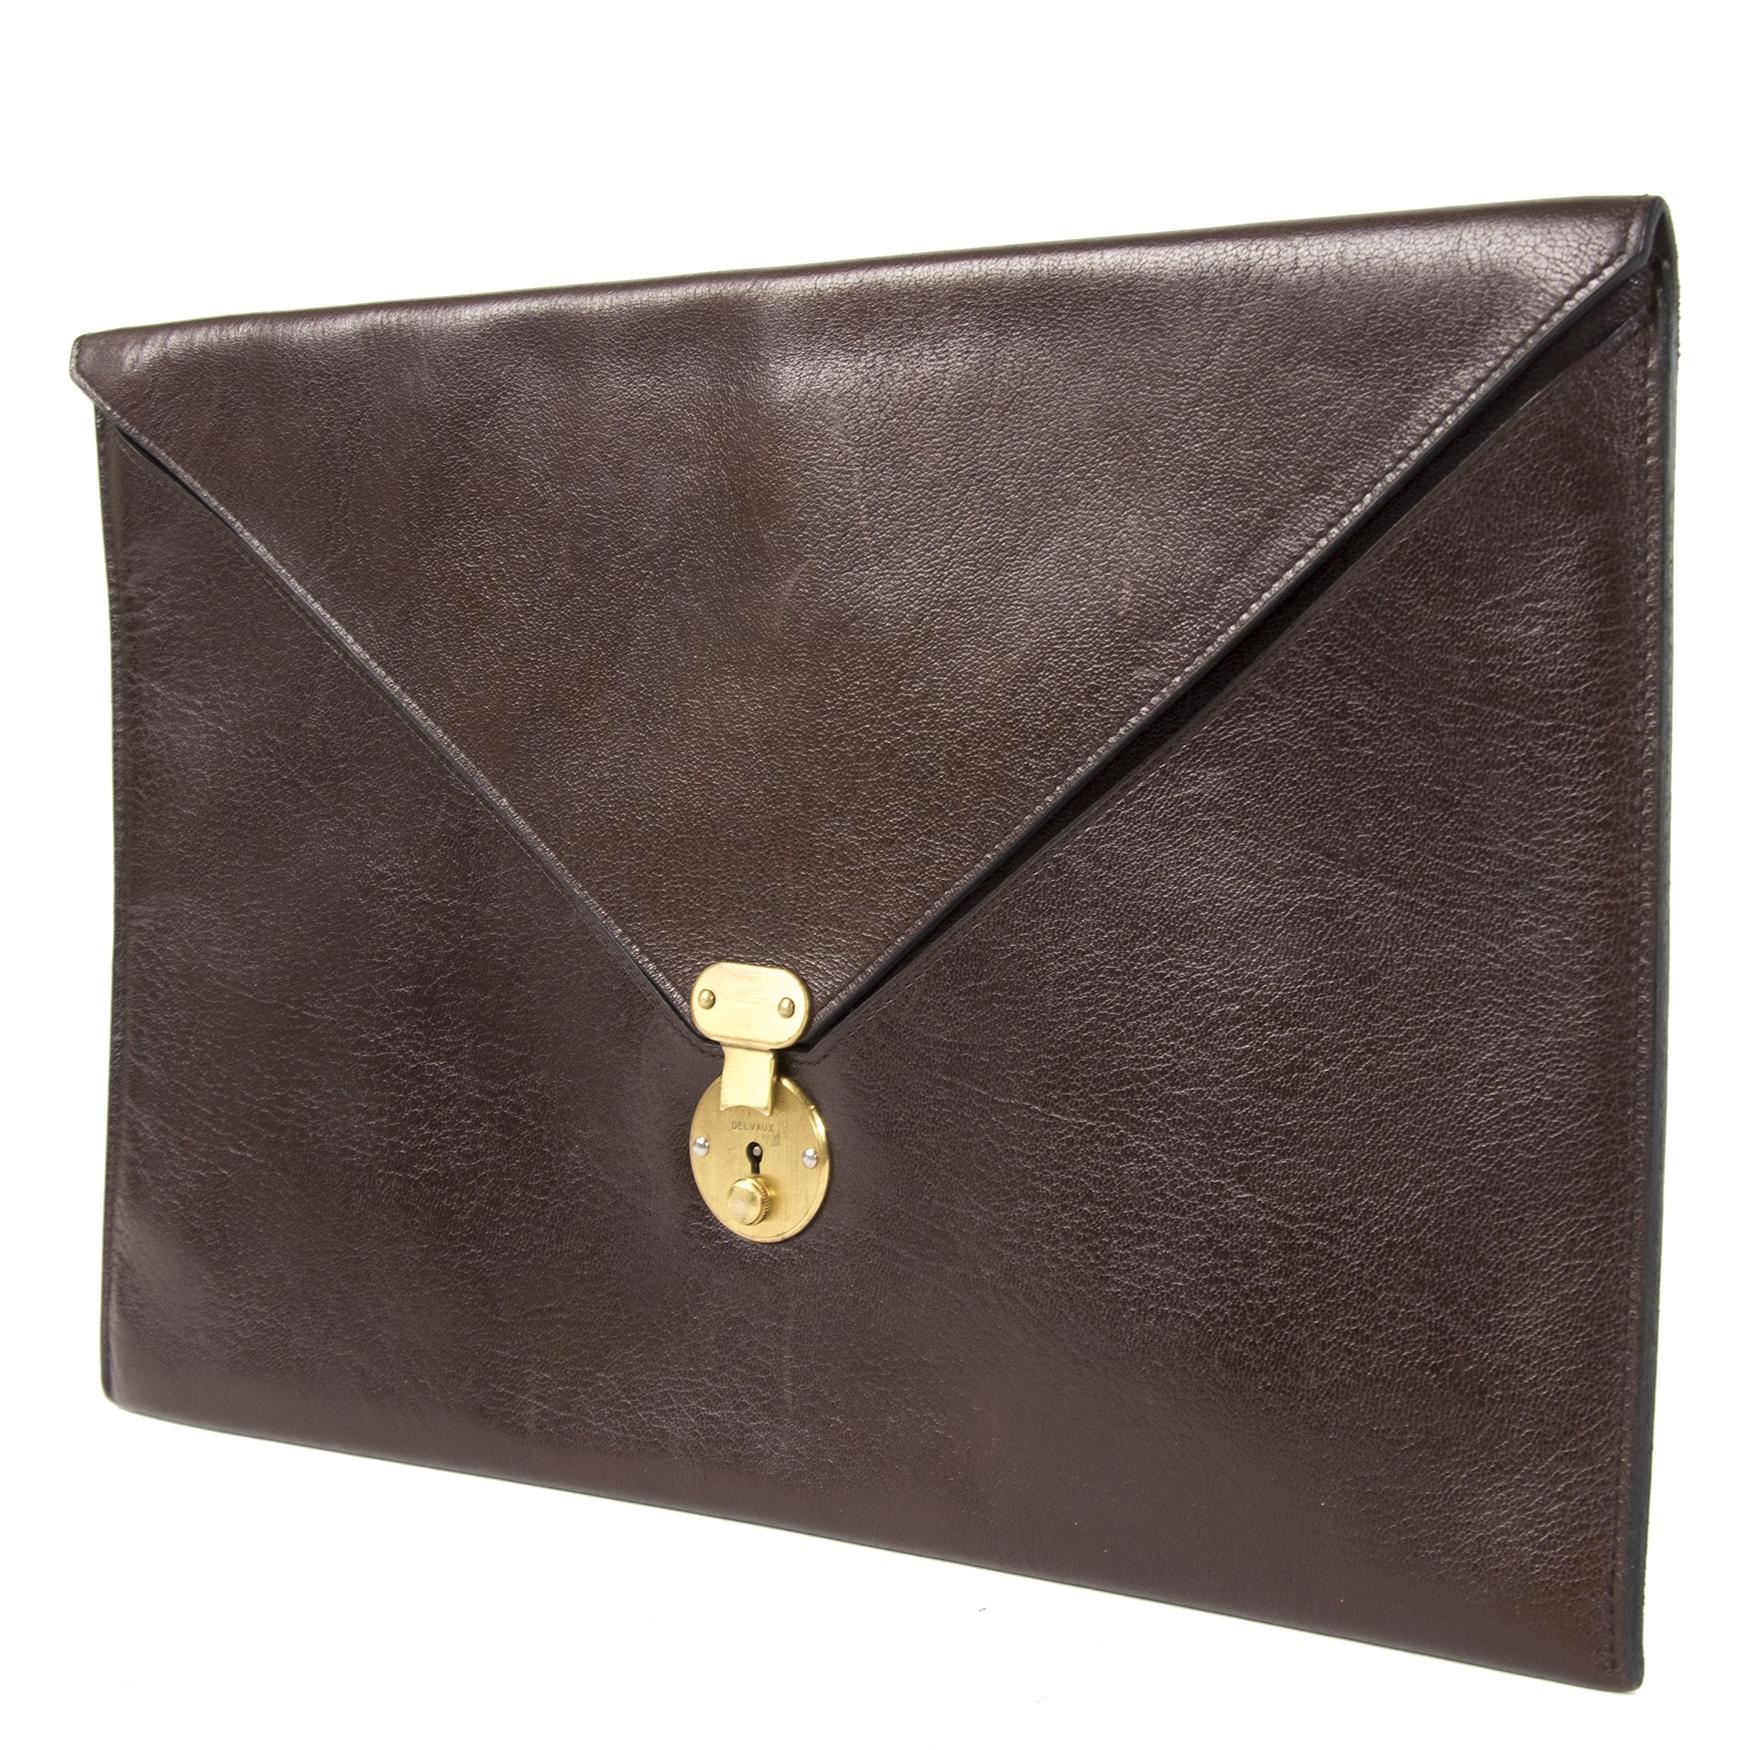 Authentieke Tweedehands Delvaux Dark Brown Leather Envelop Document Holder juiste prijs veilig online shoppen luxe merken webshop winkelen Antwerpen België mode fashion